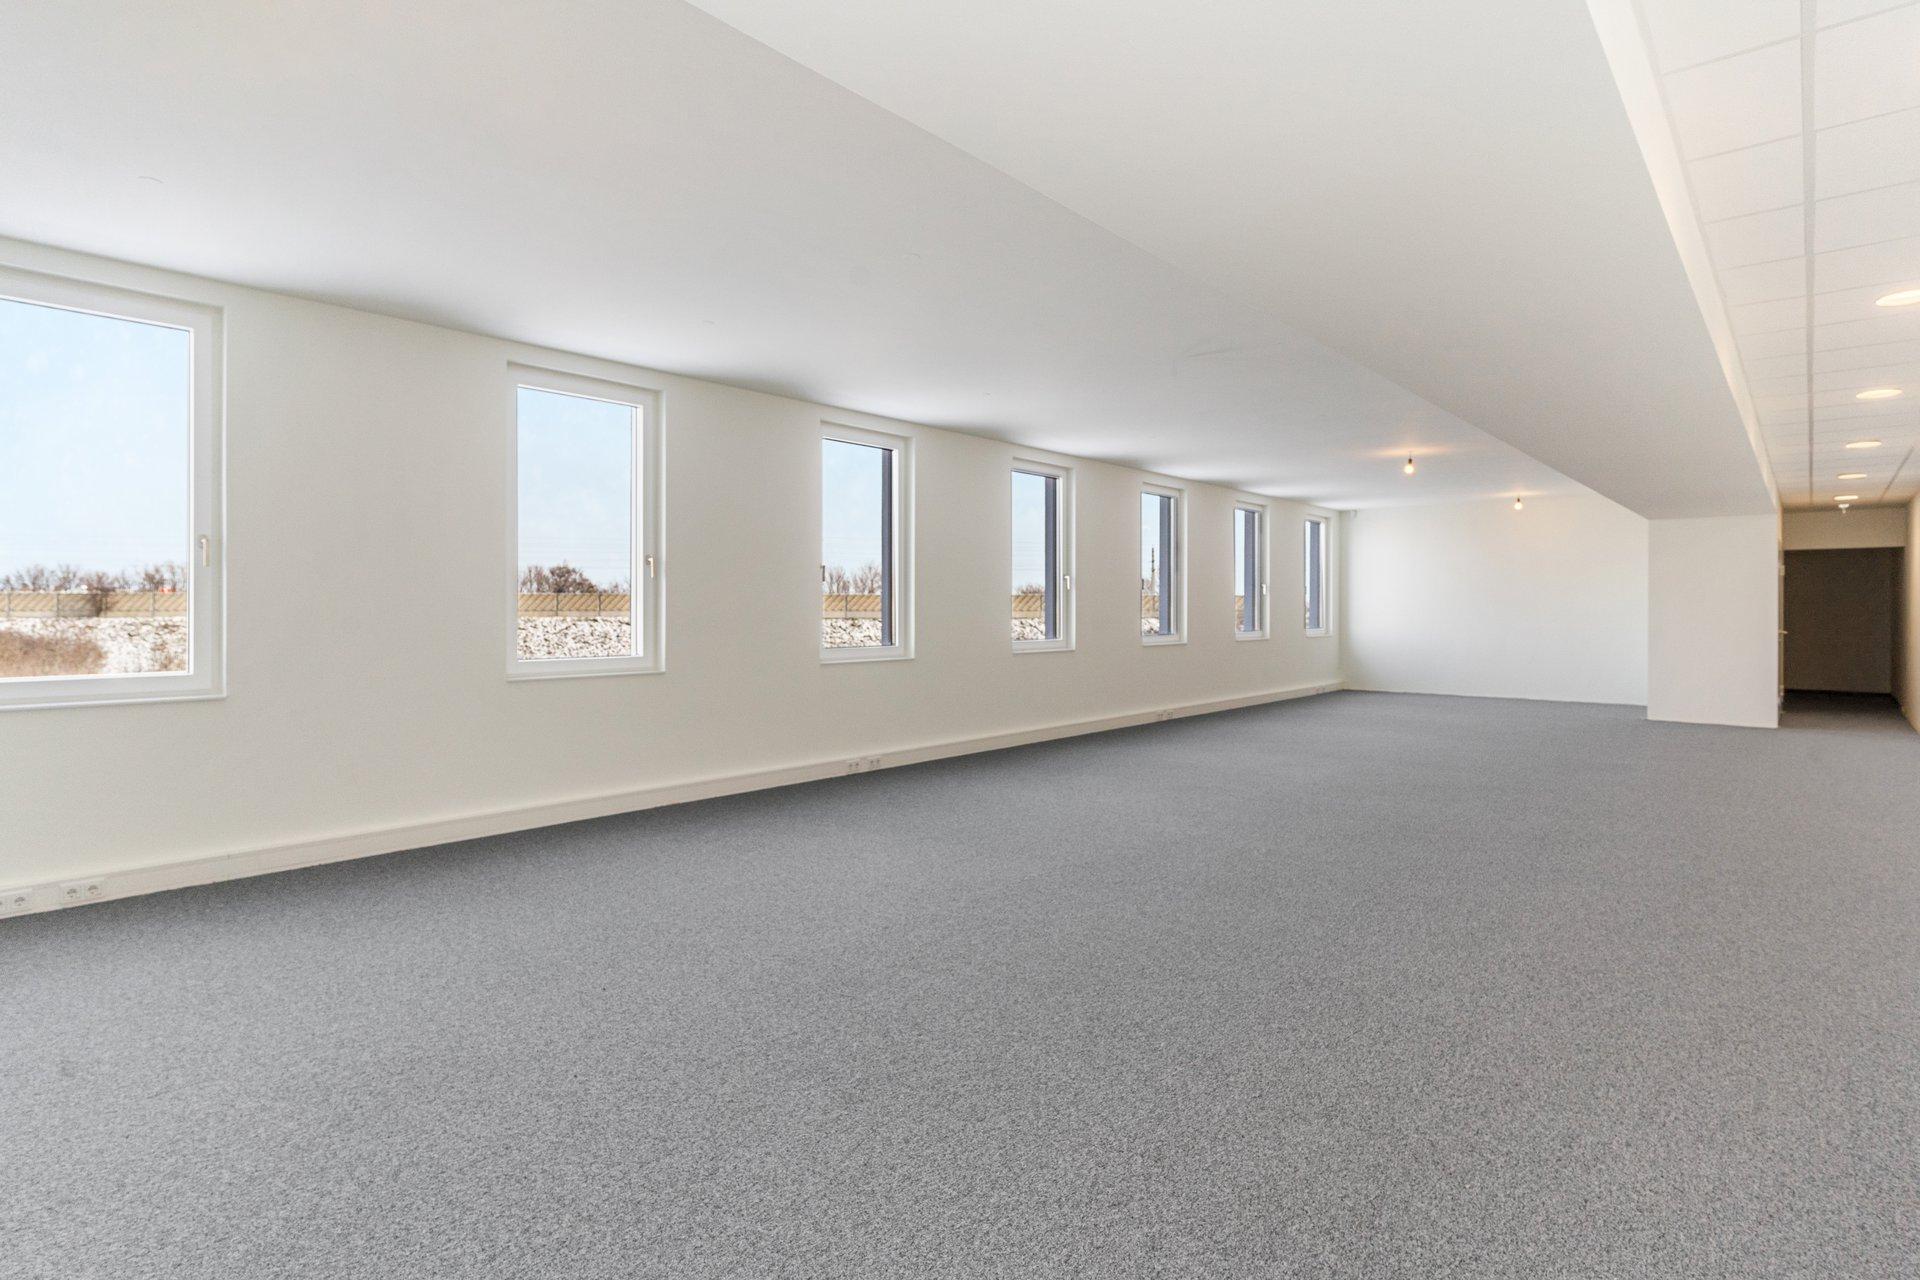 Meeting room at Burkert